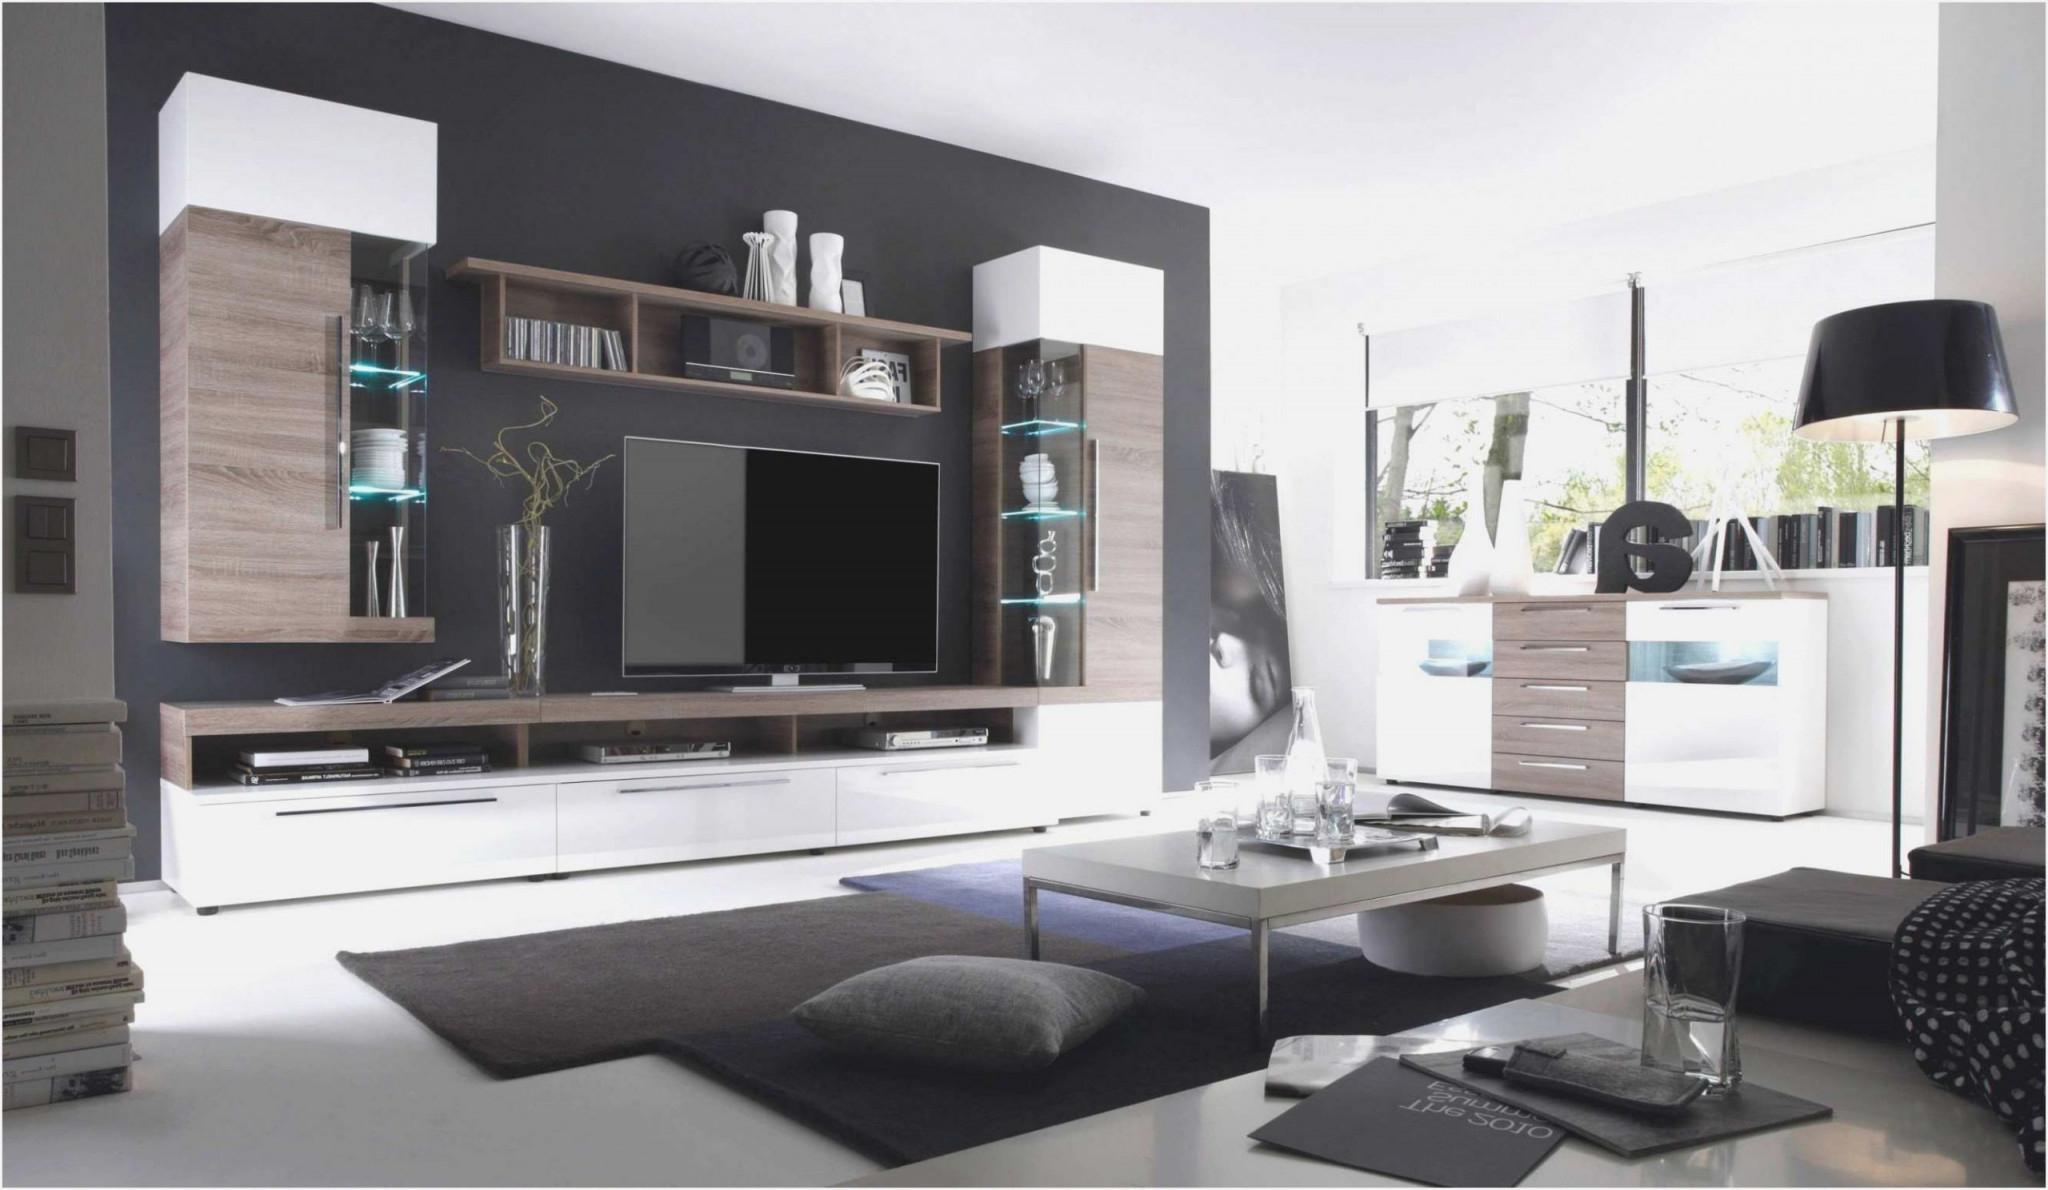 Moderne Bilder Wohnzimmer Schwarz Weiss – Caseconrad von Bilder Schwarz Weiss Wohnzimmer Bild